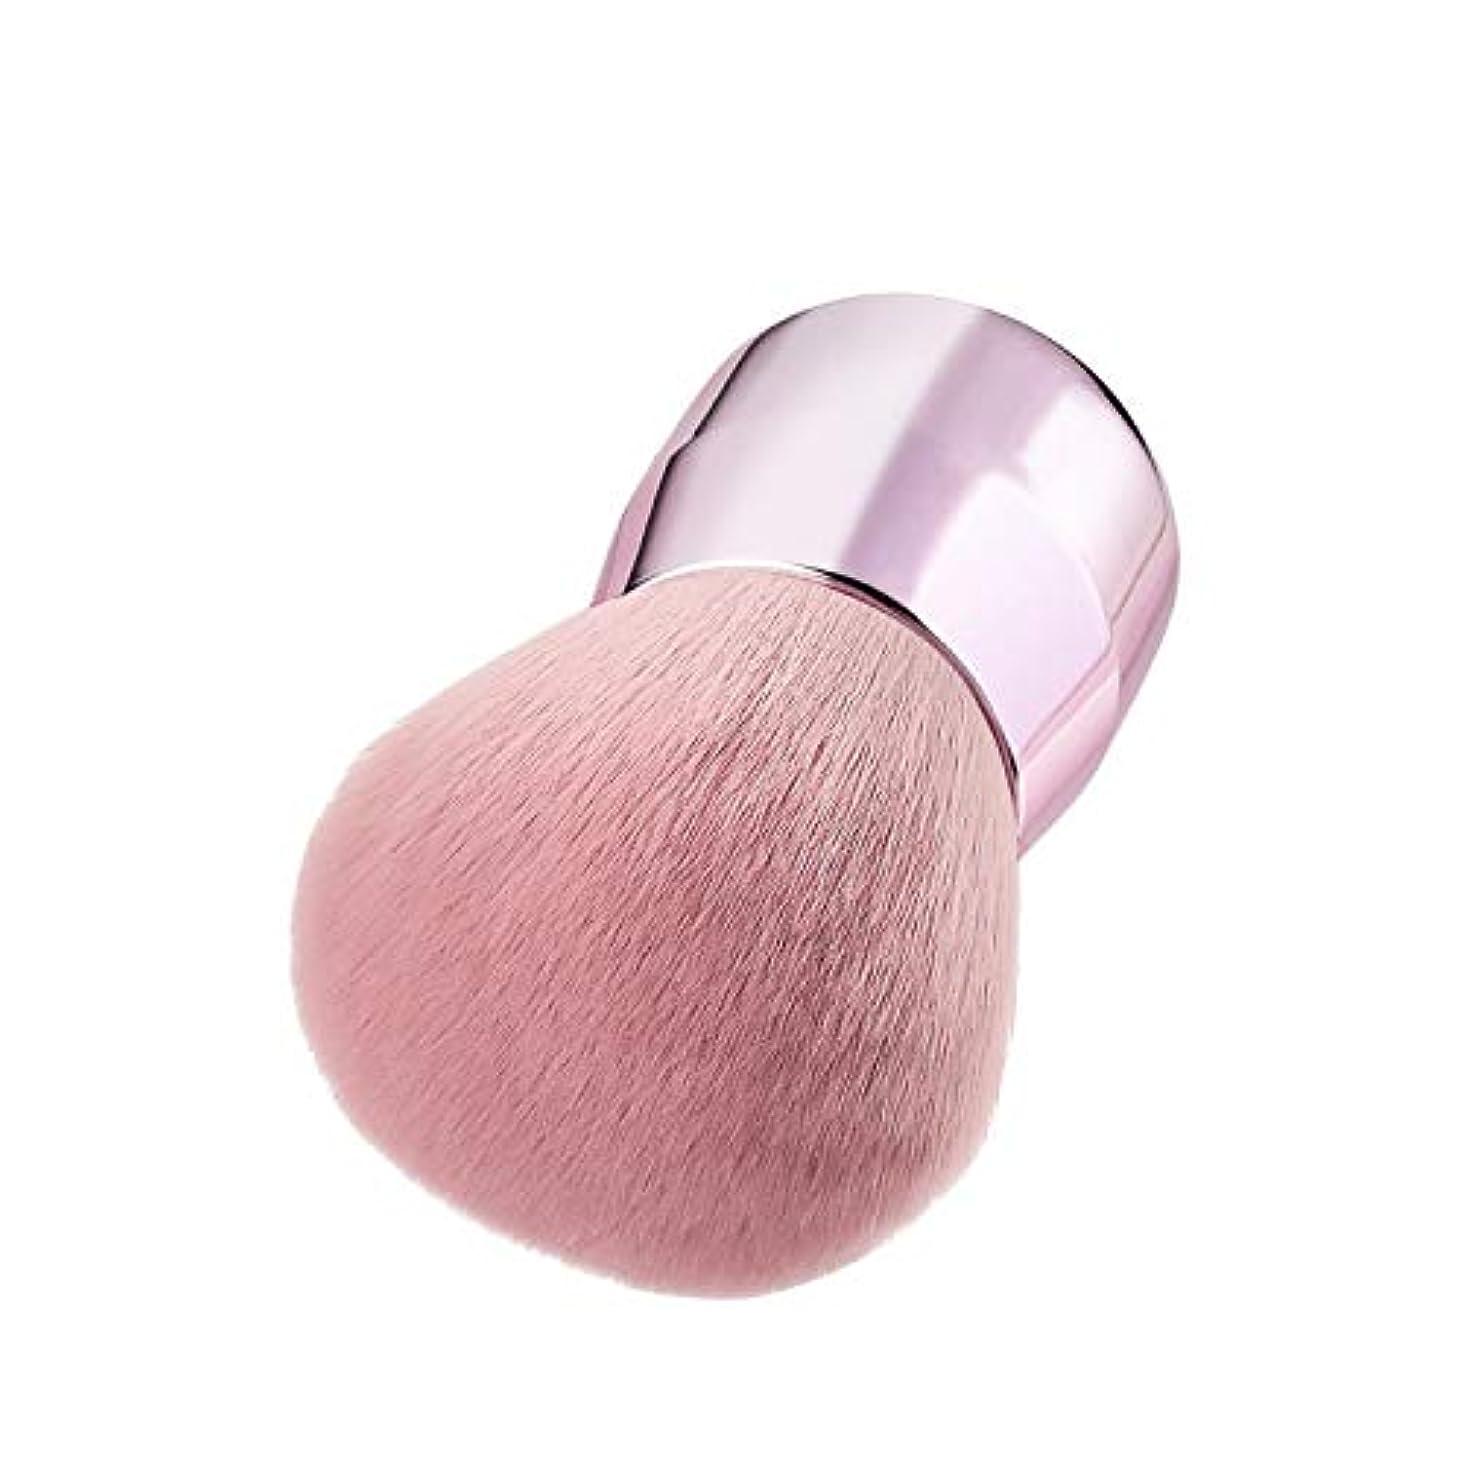 田舎者冷酷なパトワCHANGYUXINTAI-HUAZHUANGSHUA ポータブル大化粧ブラシマッシュルームヘッドルースパウダーブラシハニーパウダーメイクアップパウダーブラッシュブラシ1 (Color : Rose Gold)